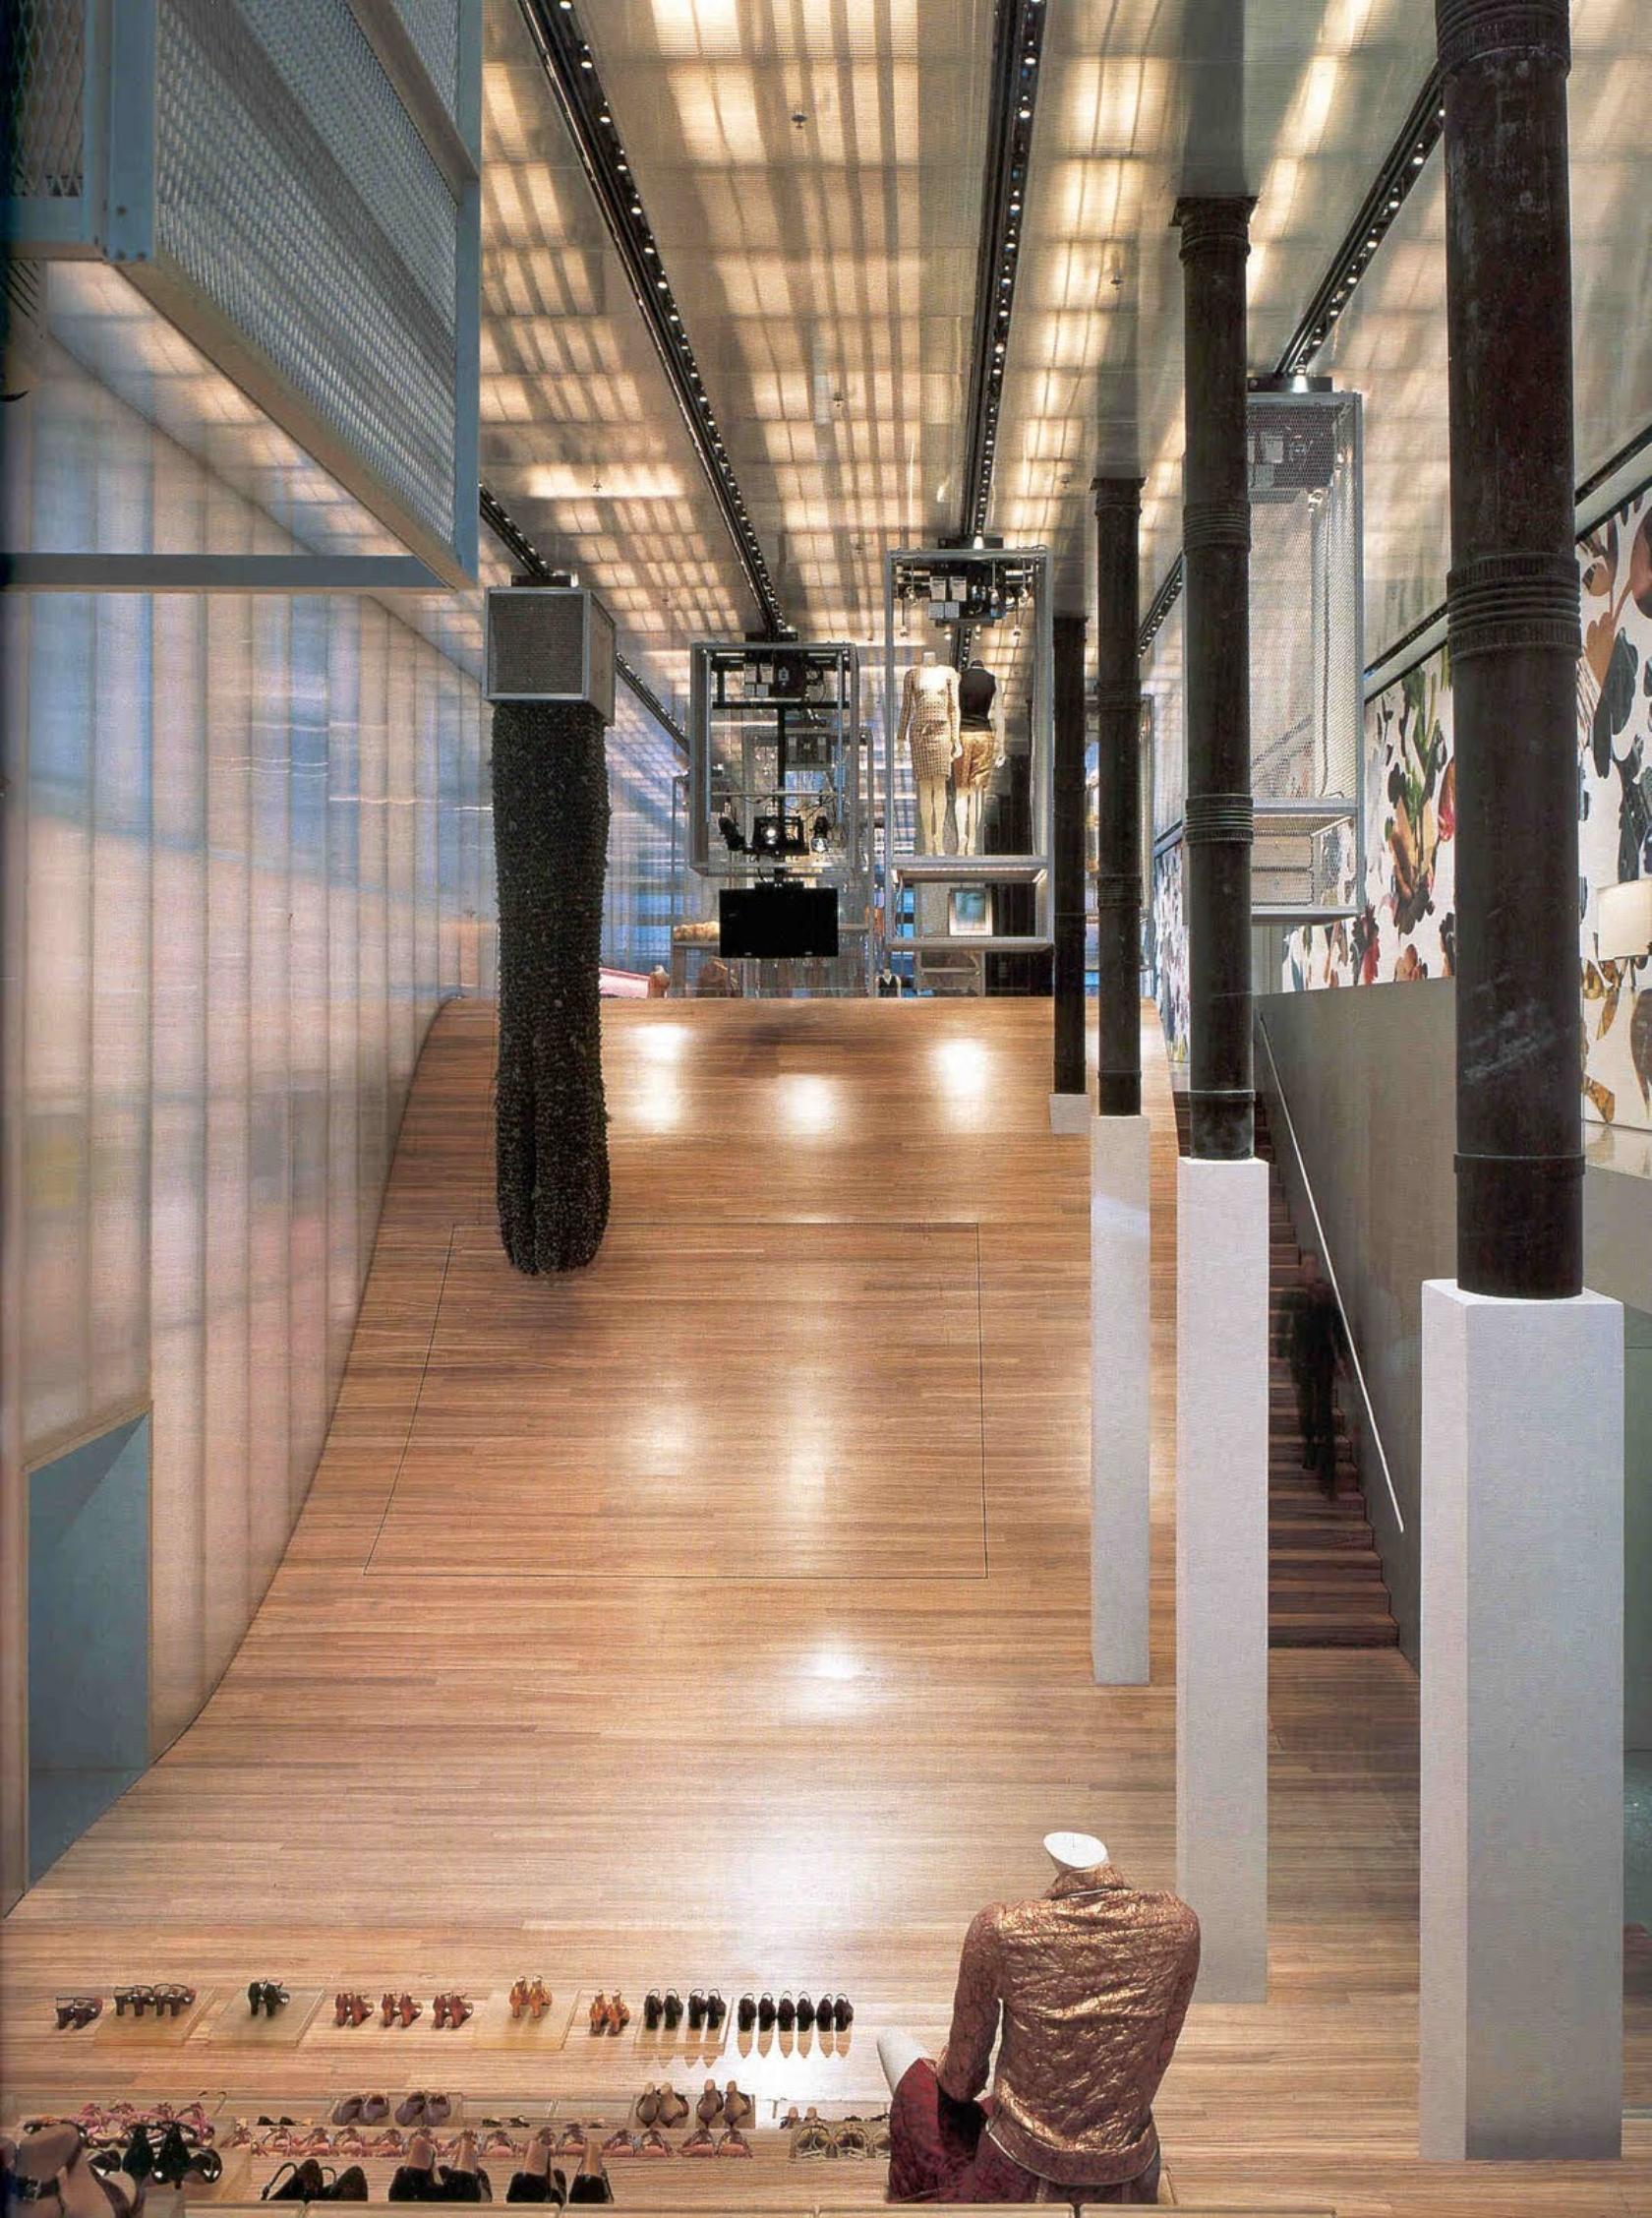 Architettura Contemporanea E Moda Prada E Oma